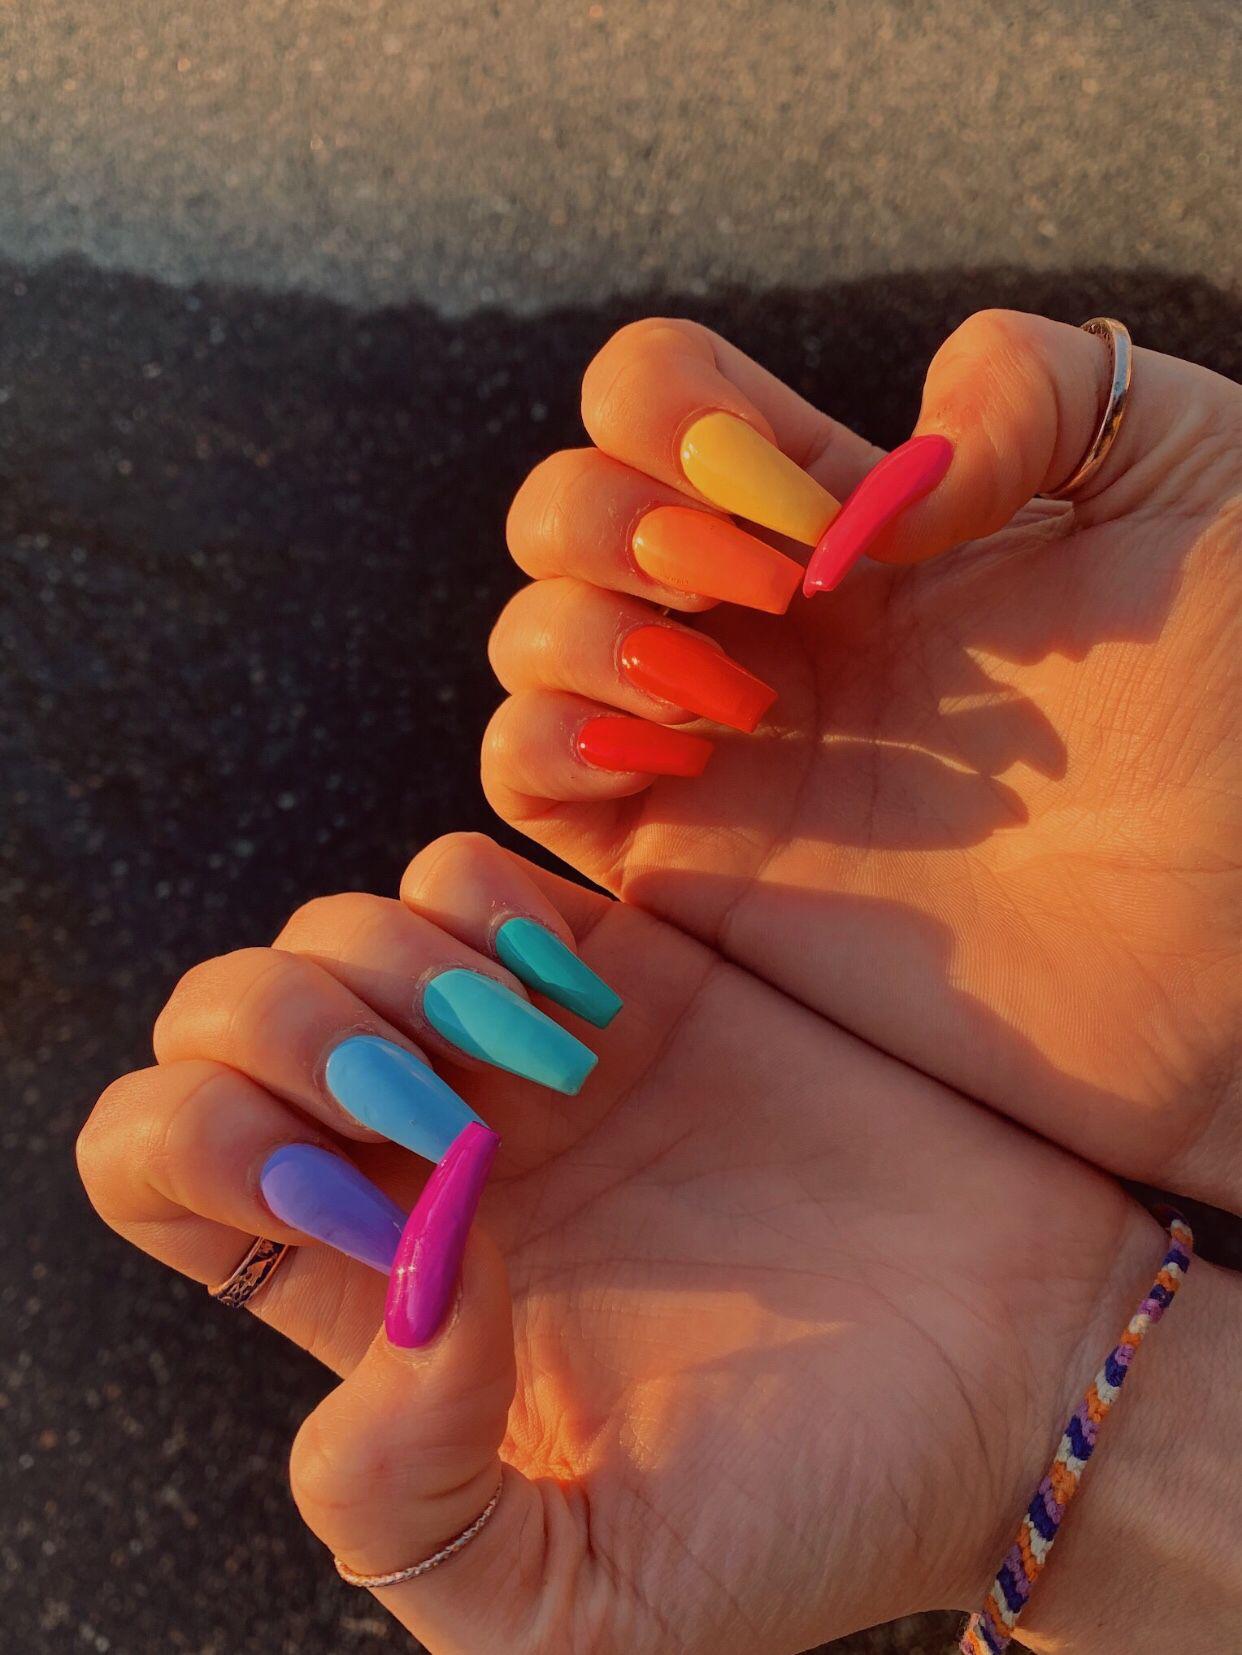 Kndllkng 3 Cute Acrylic Nails Solid Color Nails Cute Nails